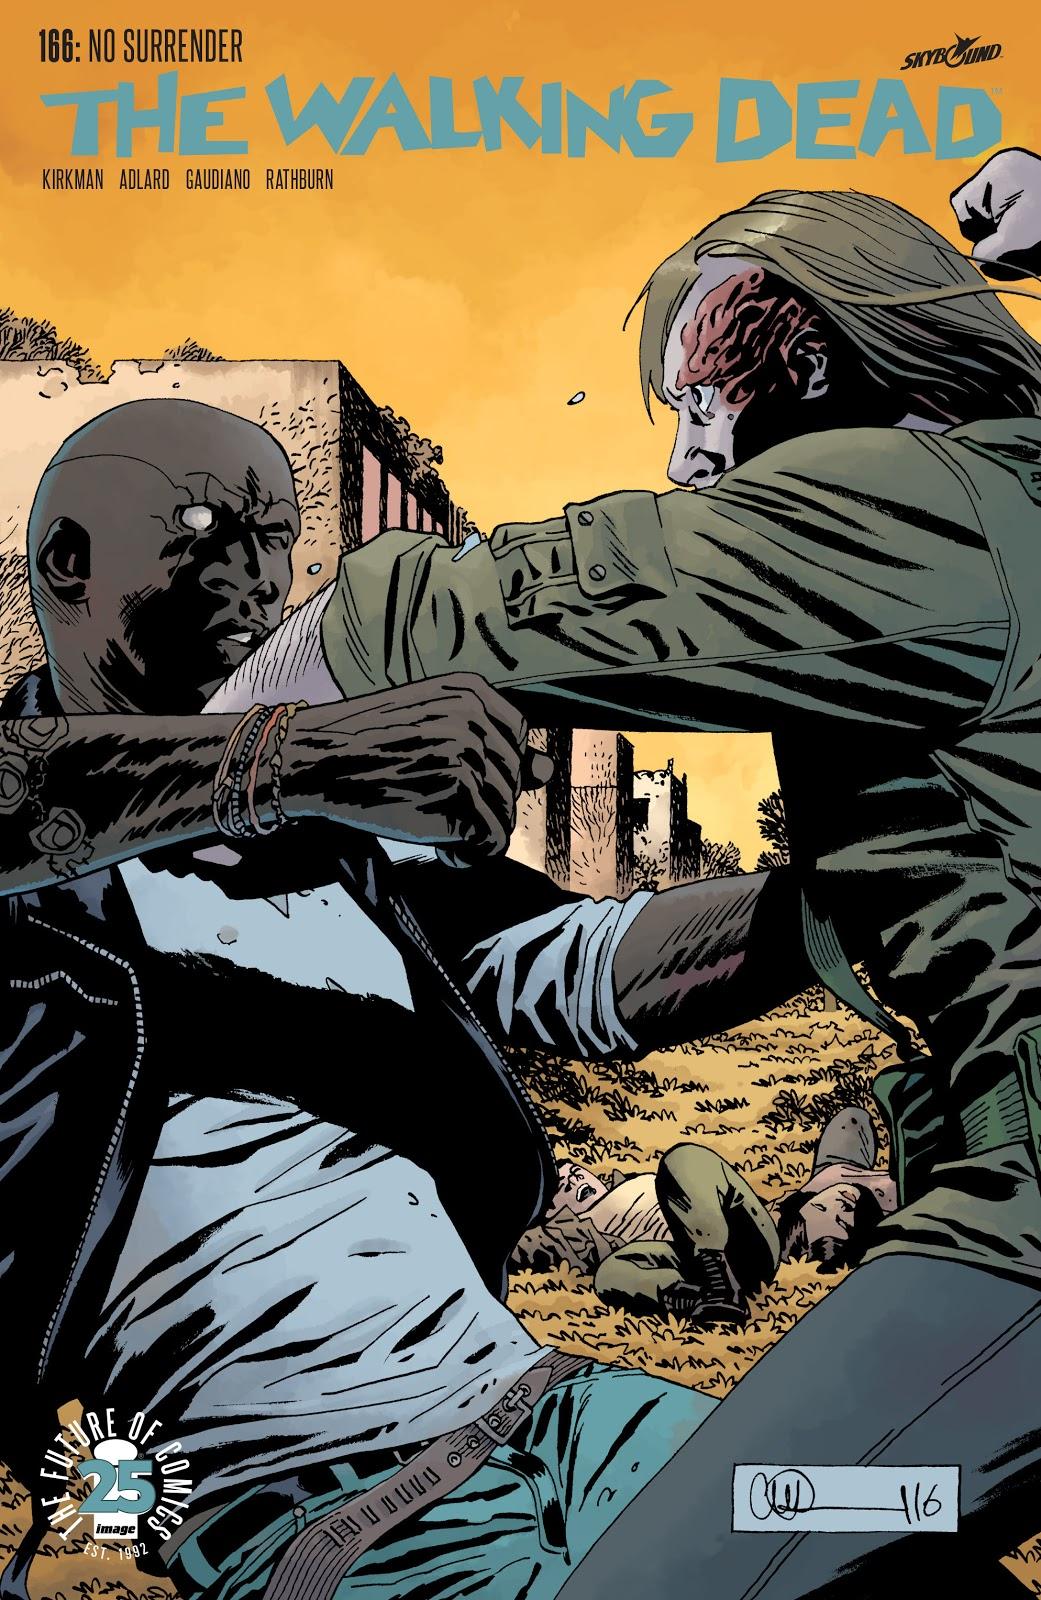 The Walking Dead-ตอนที่ 166